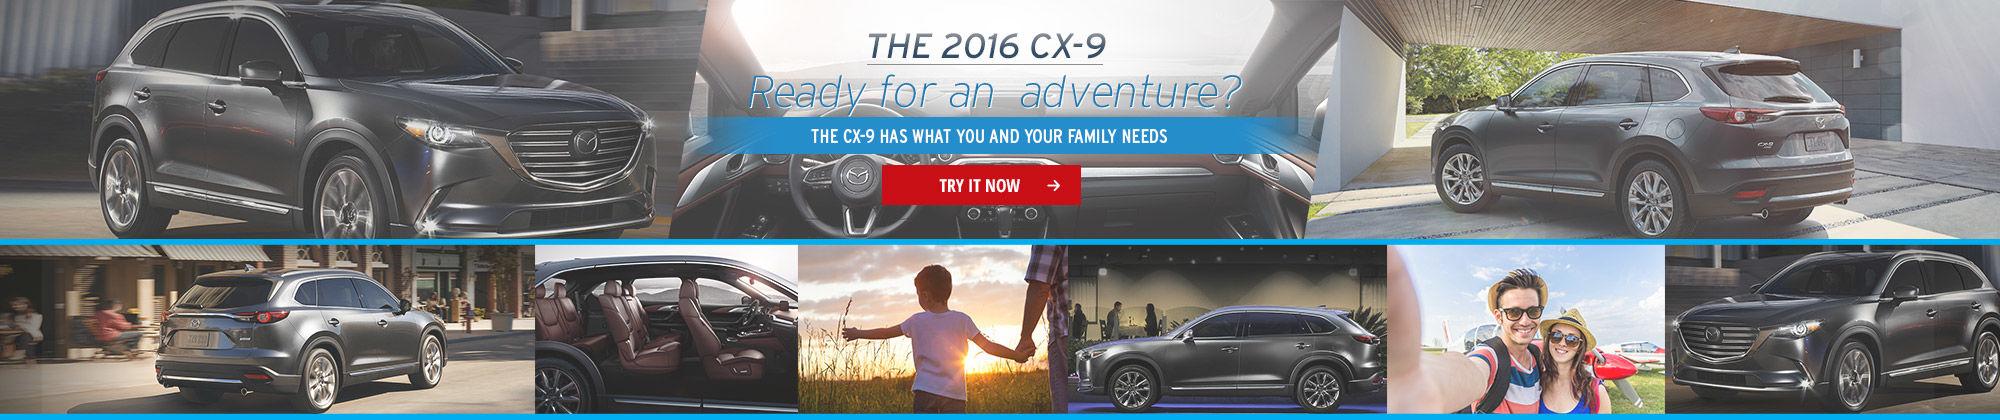 The 2016 CX-9